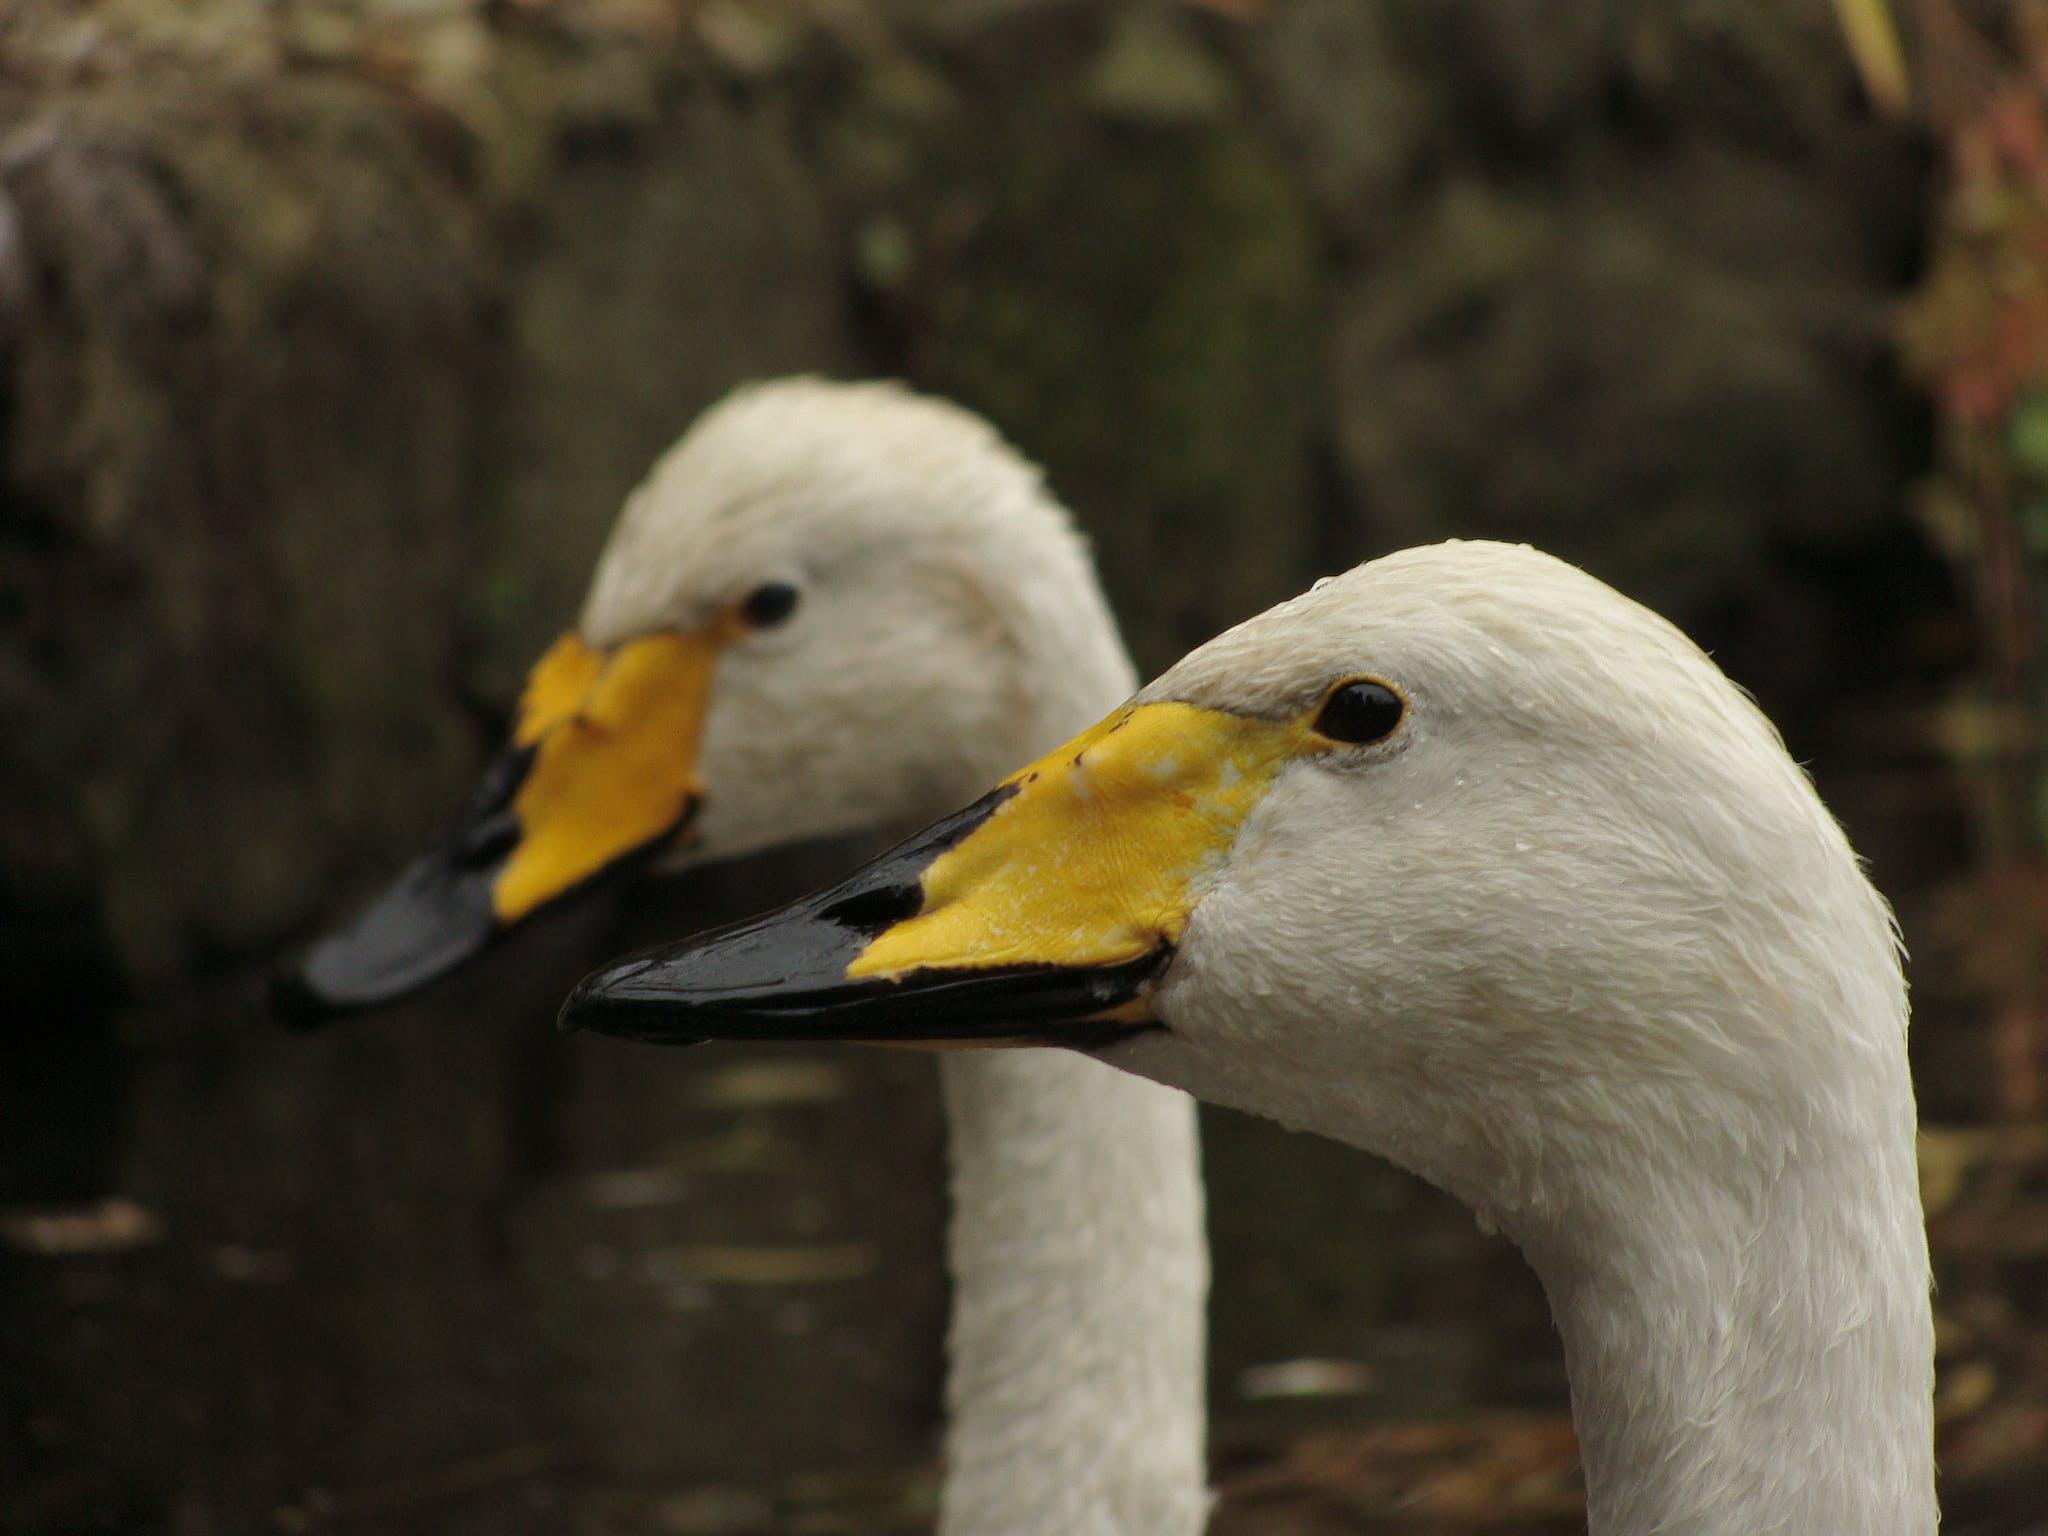 2 White Yellow and Black Ducks